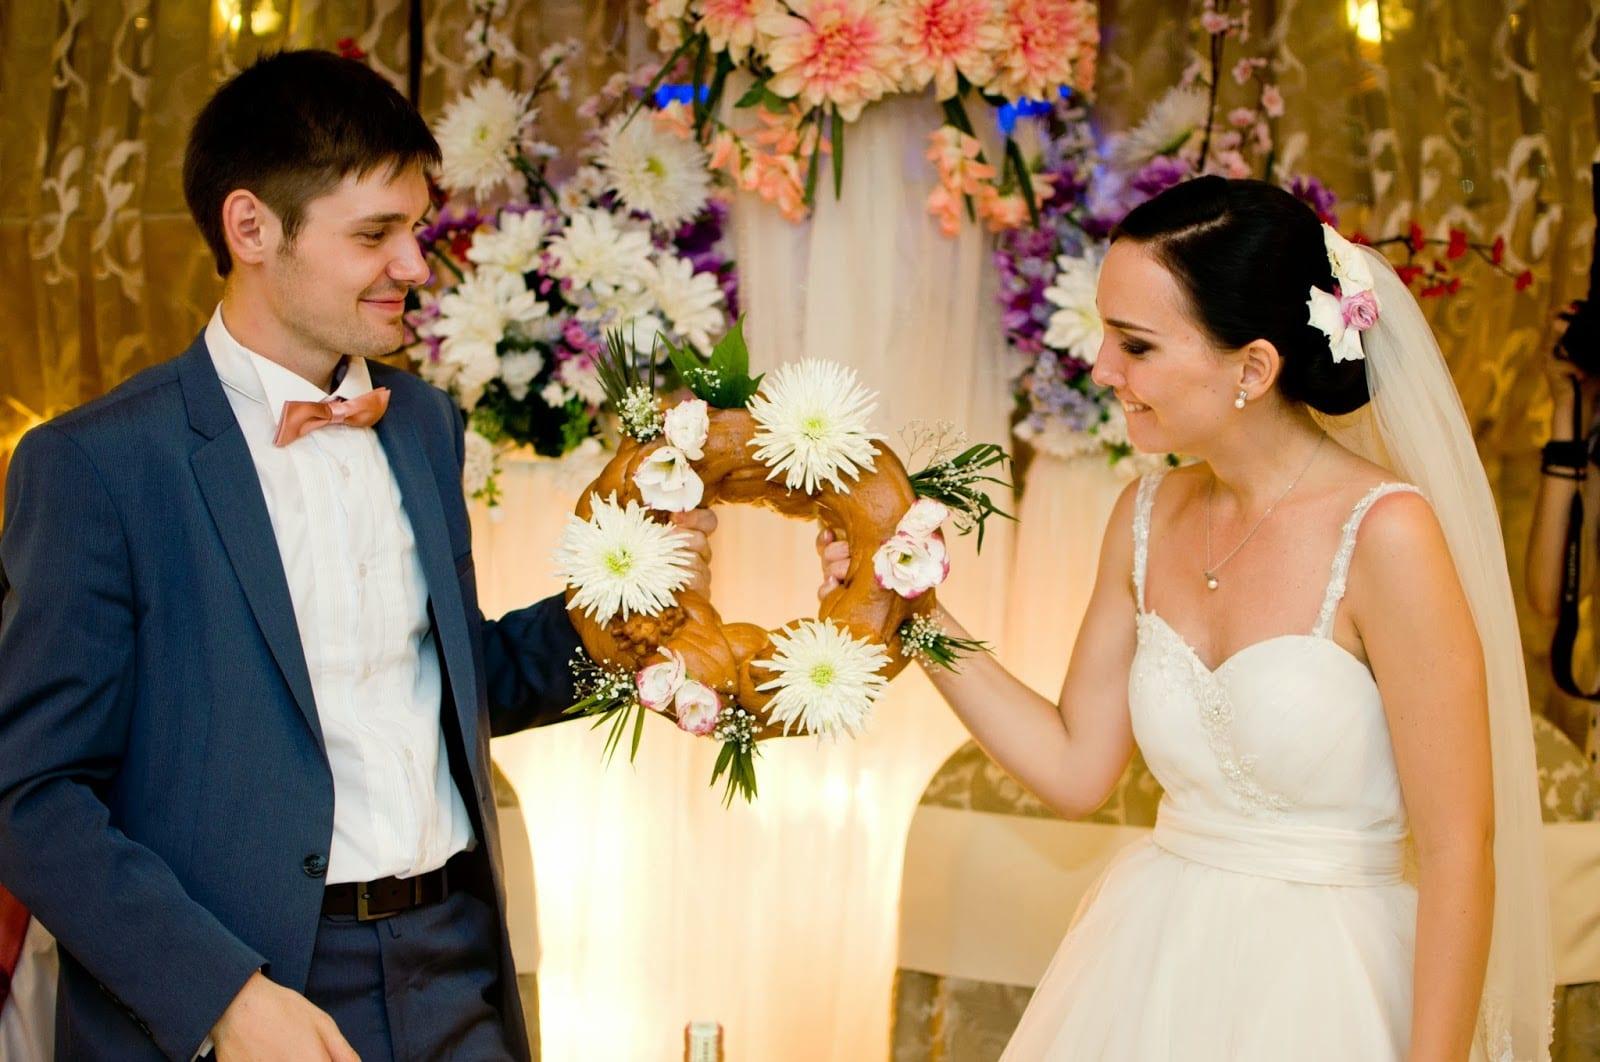 Cerimonia del pane, rito simbolico per matrimonio